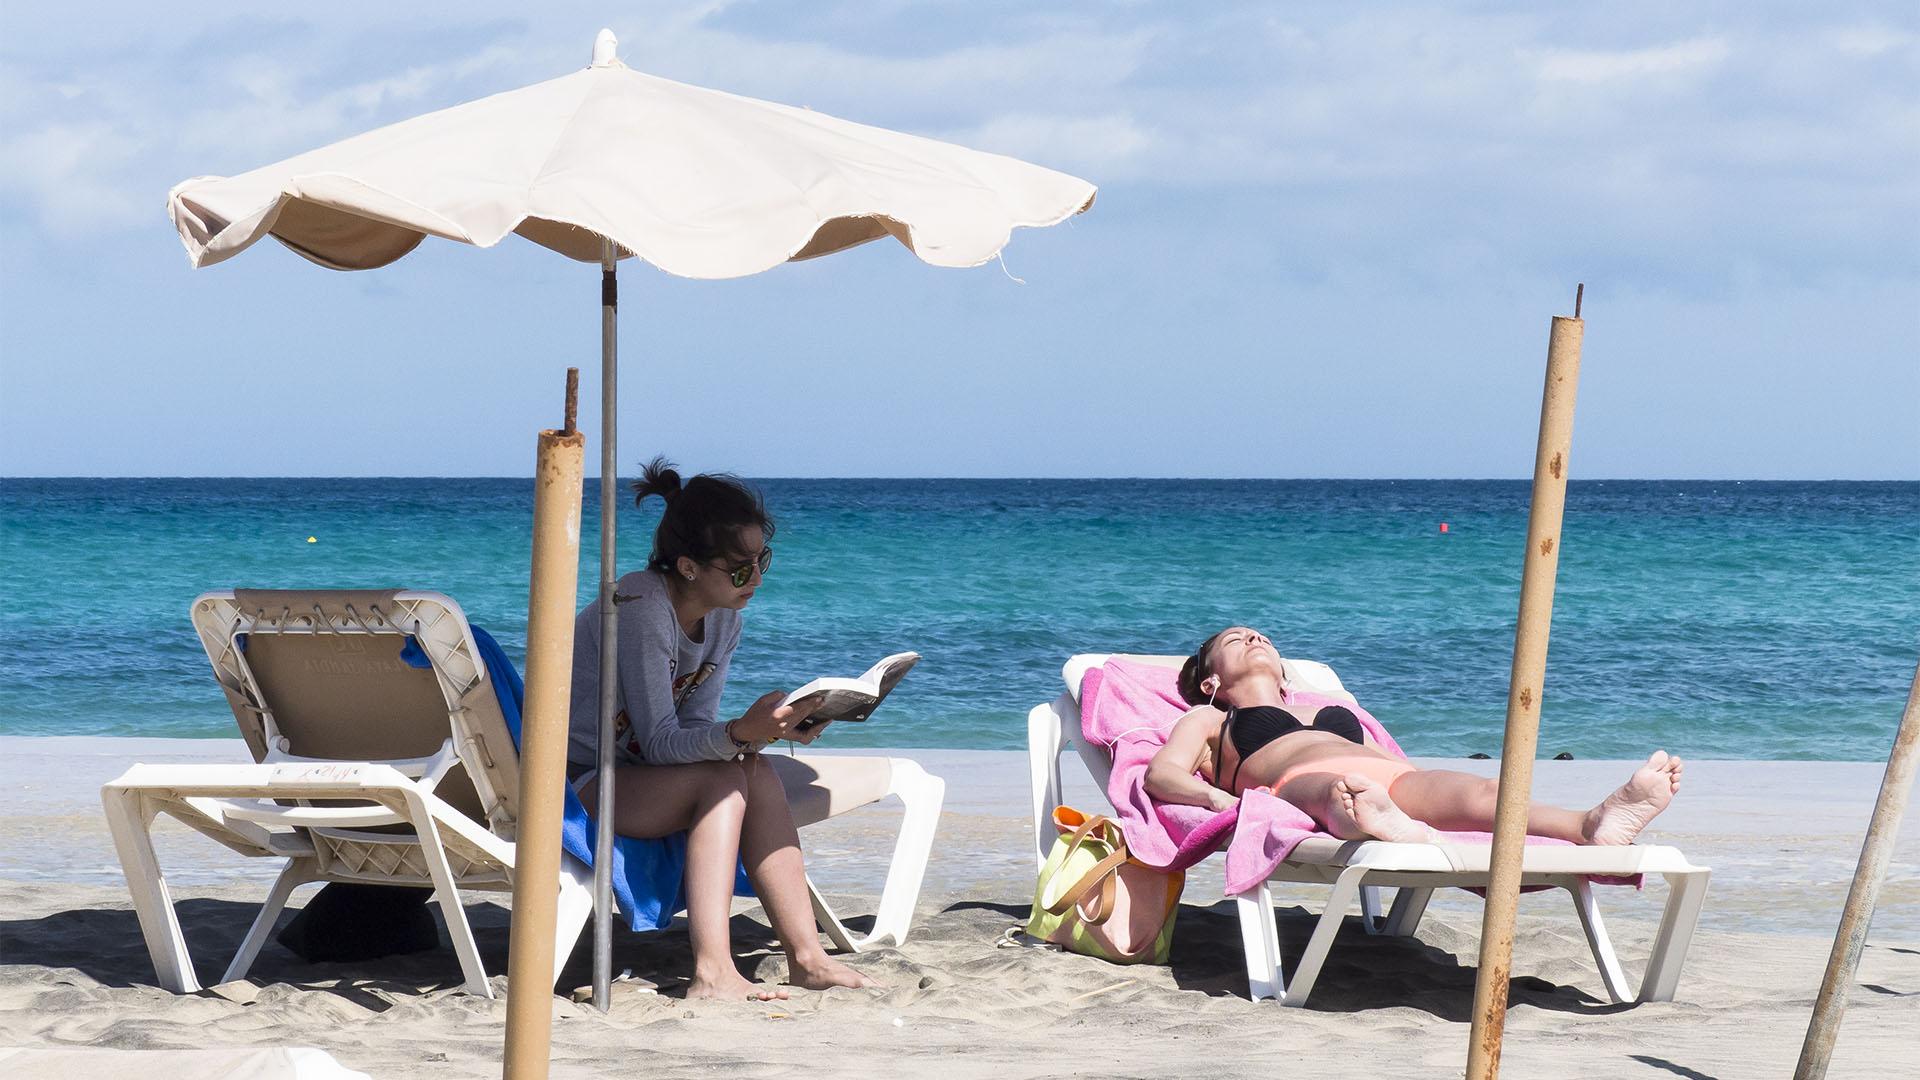 Abschalten und geniessen an den Traumstränden von Fuerteventura.